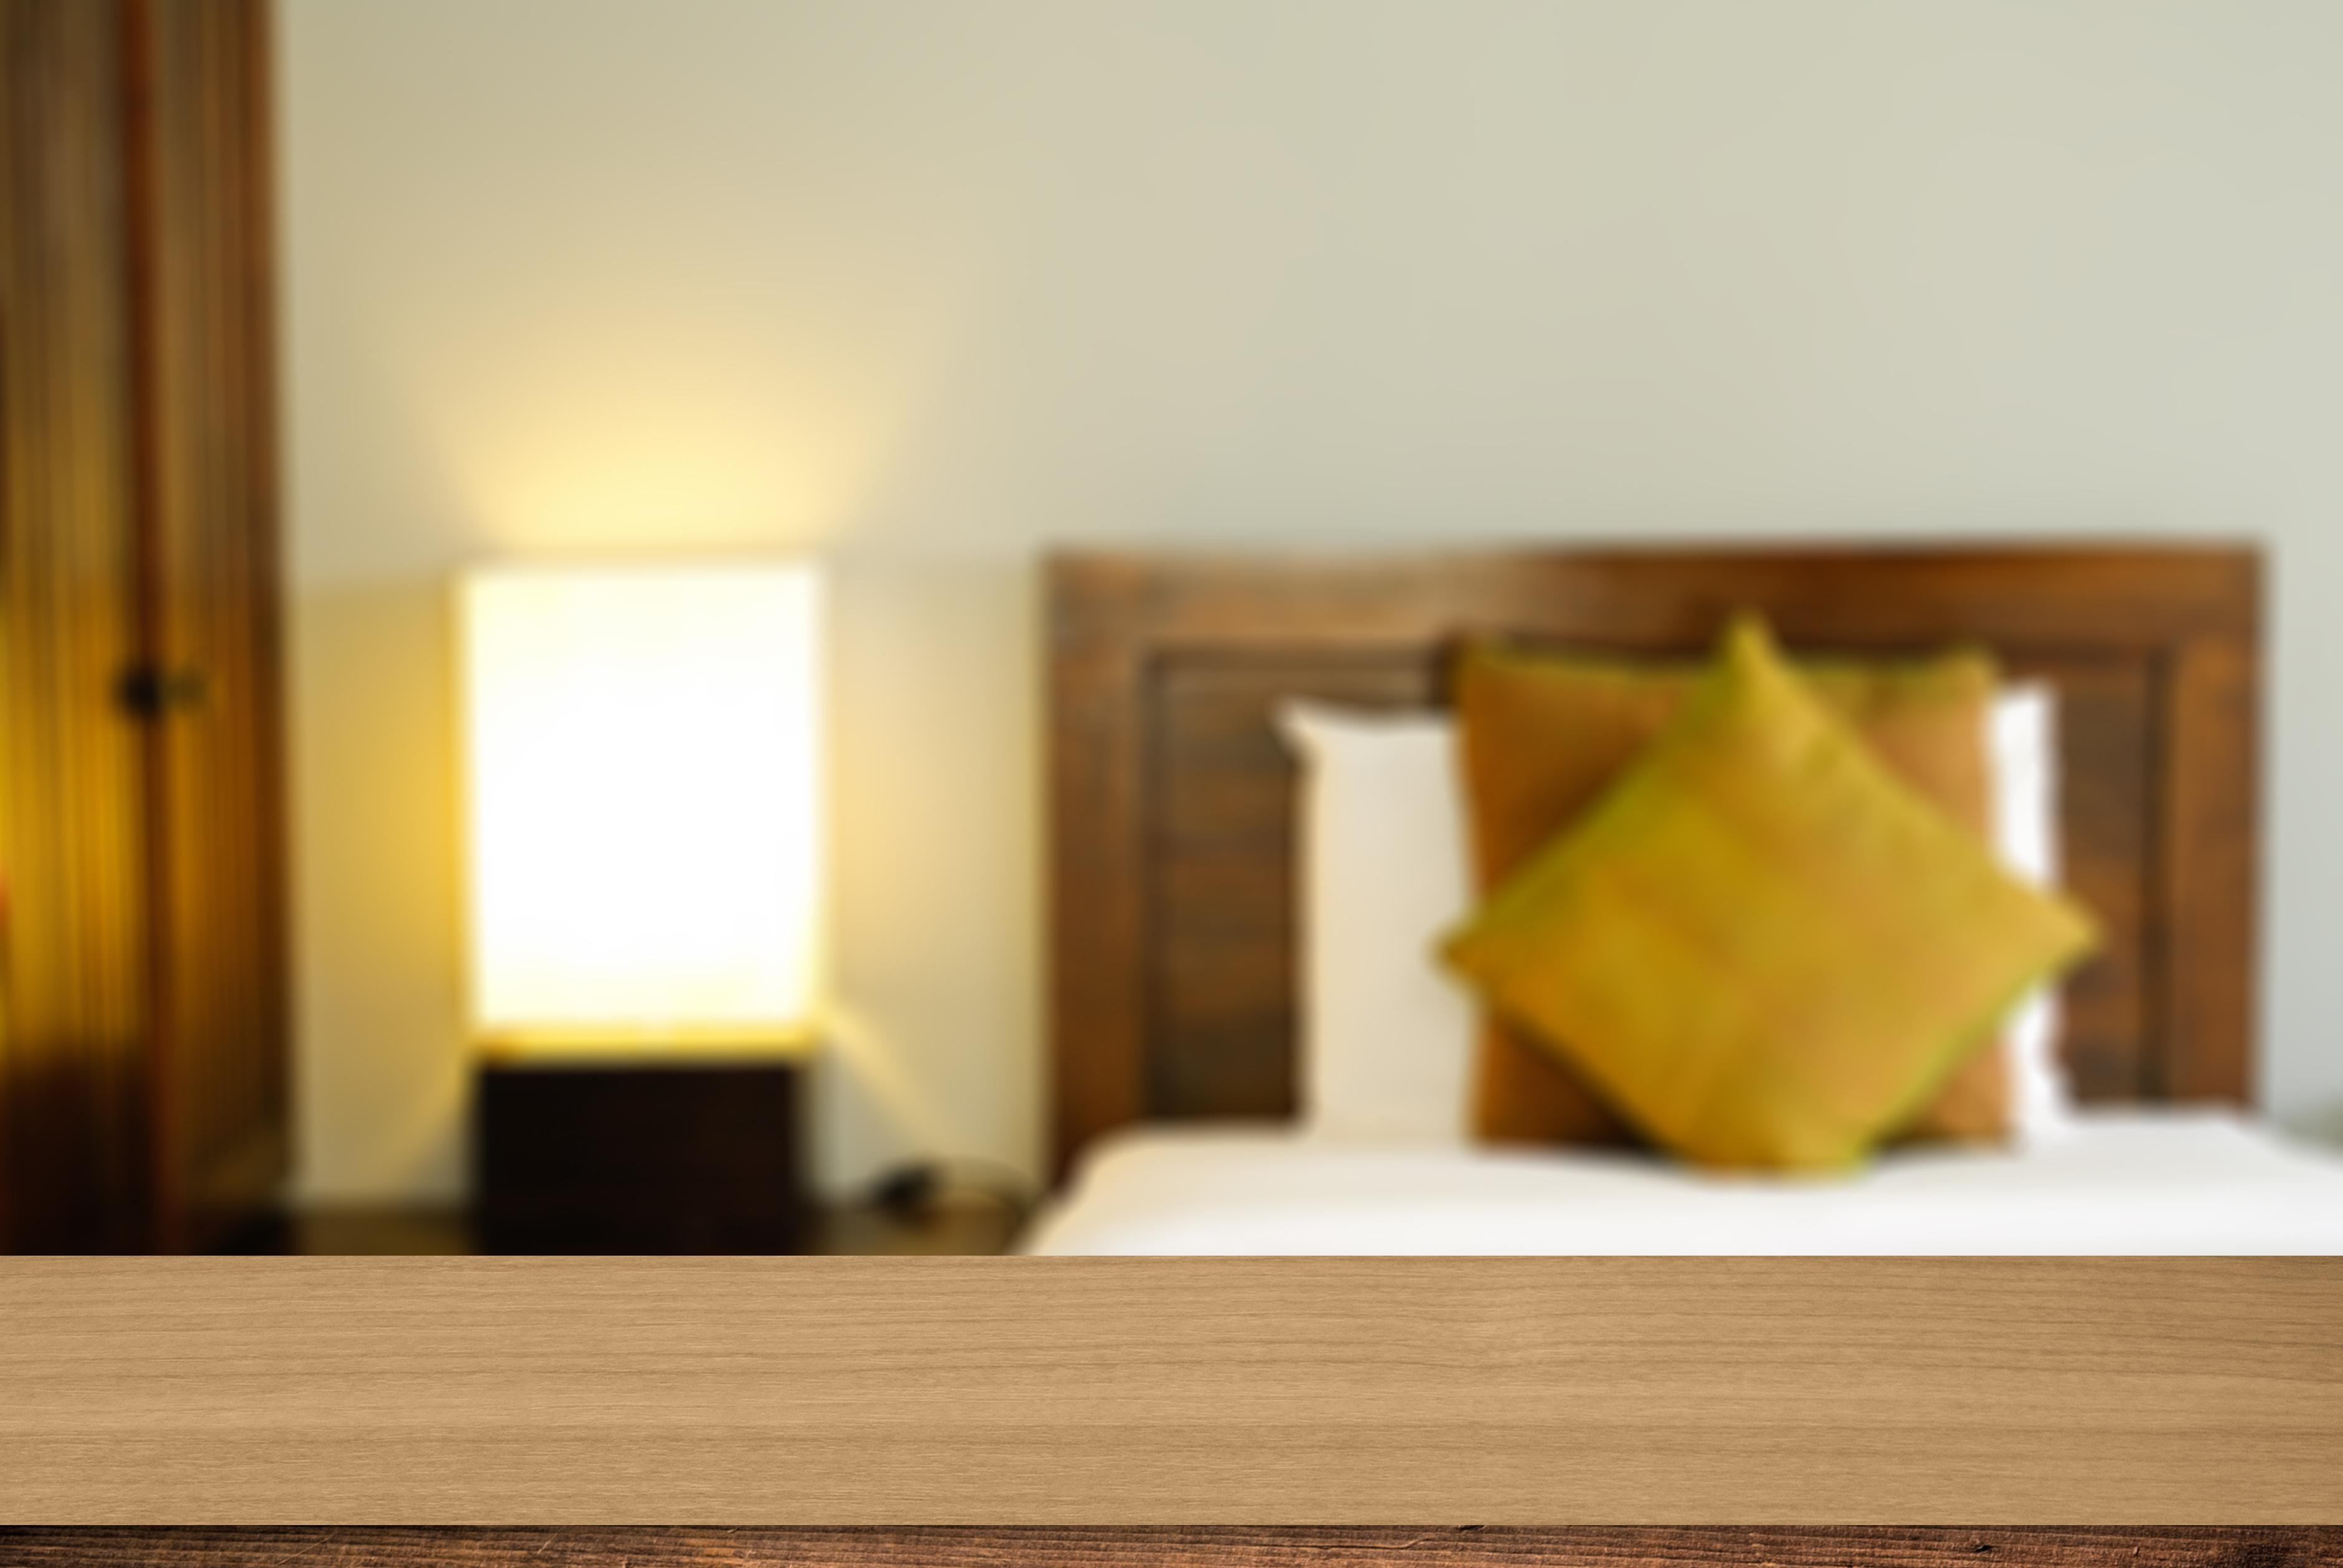 Wood desk deroration background bed room